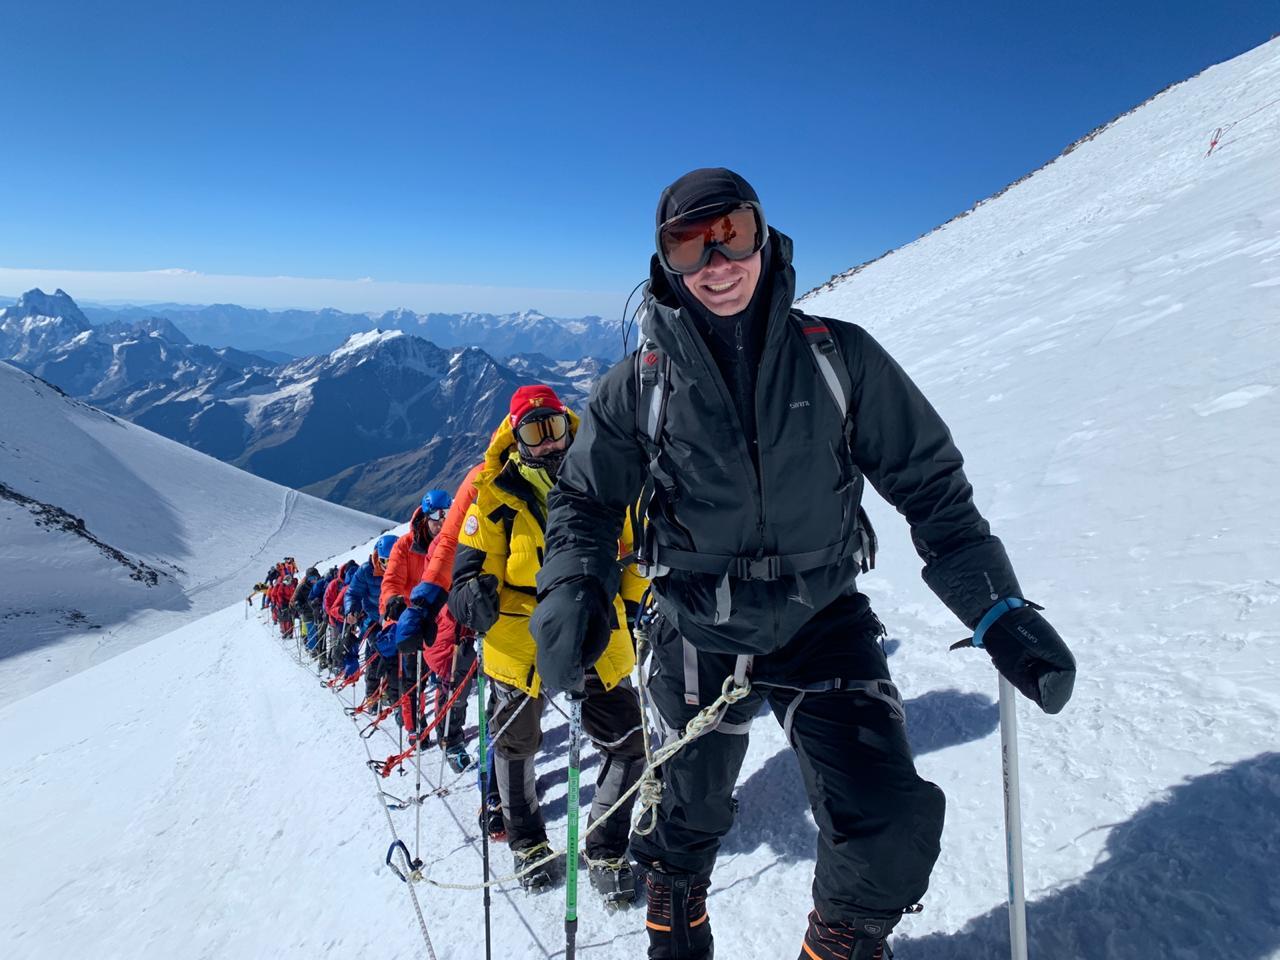 По словам фотографа, восхождение на Эльбрус по южному склону — это «неплохой старт для тех, кто хочет приобщаться к горам»